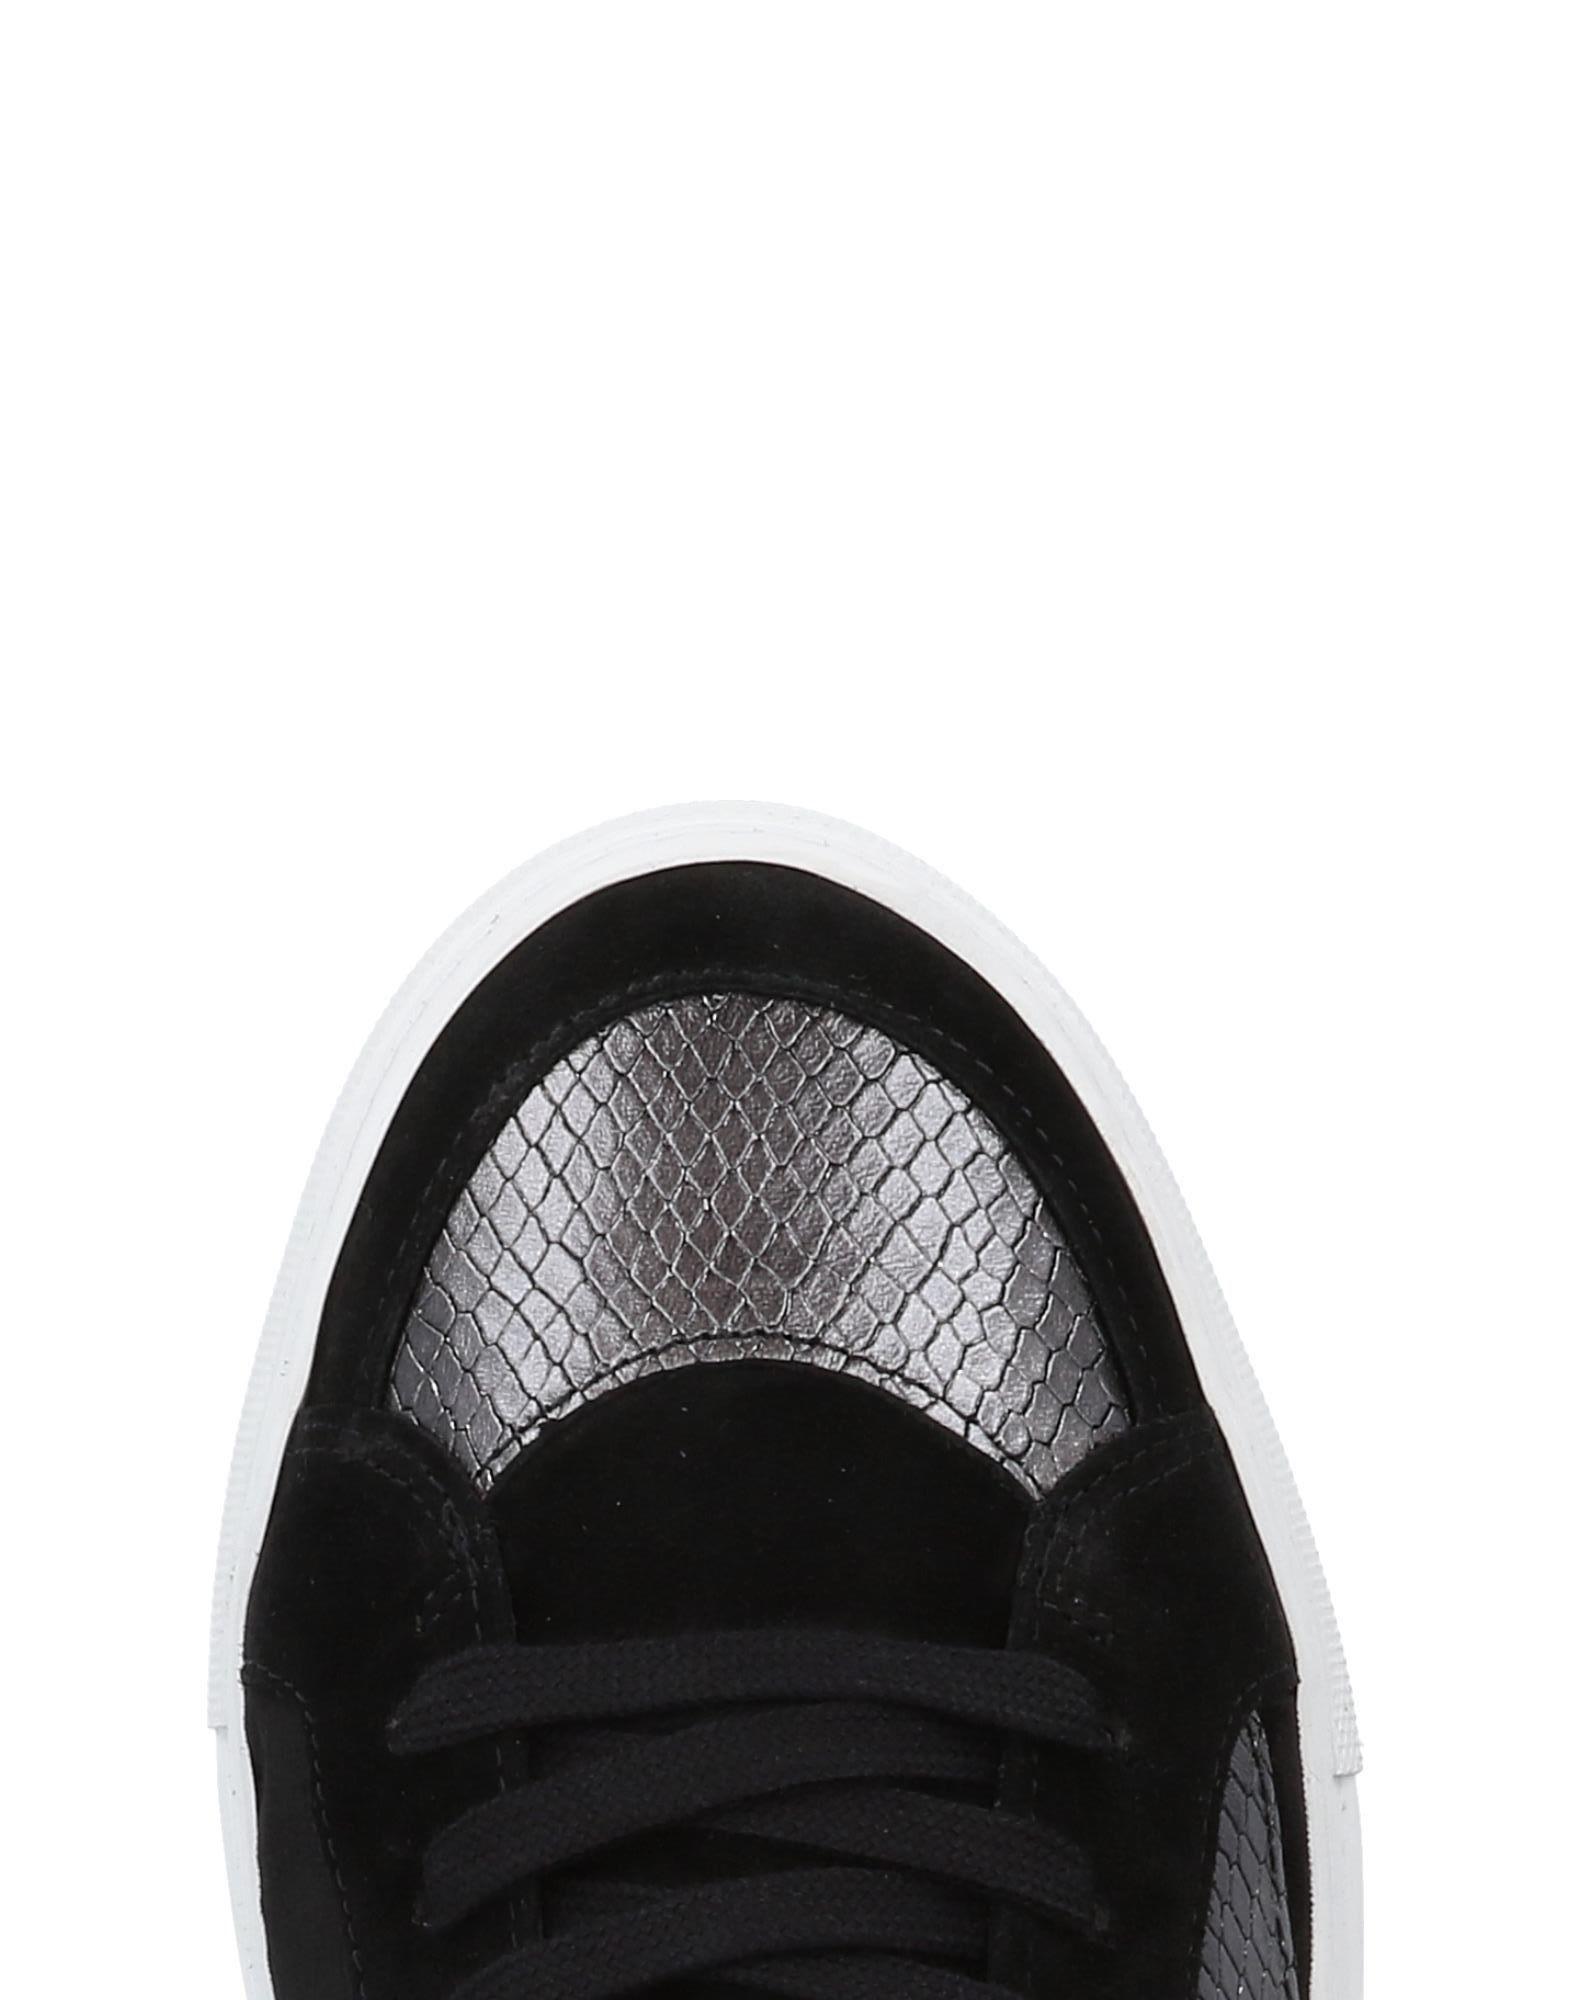 Just Cavalli Sneakers Schuhe Herren  11469993RJ Neue Schuhe Sneakers 427cf0